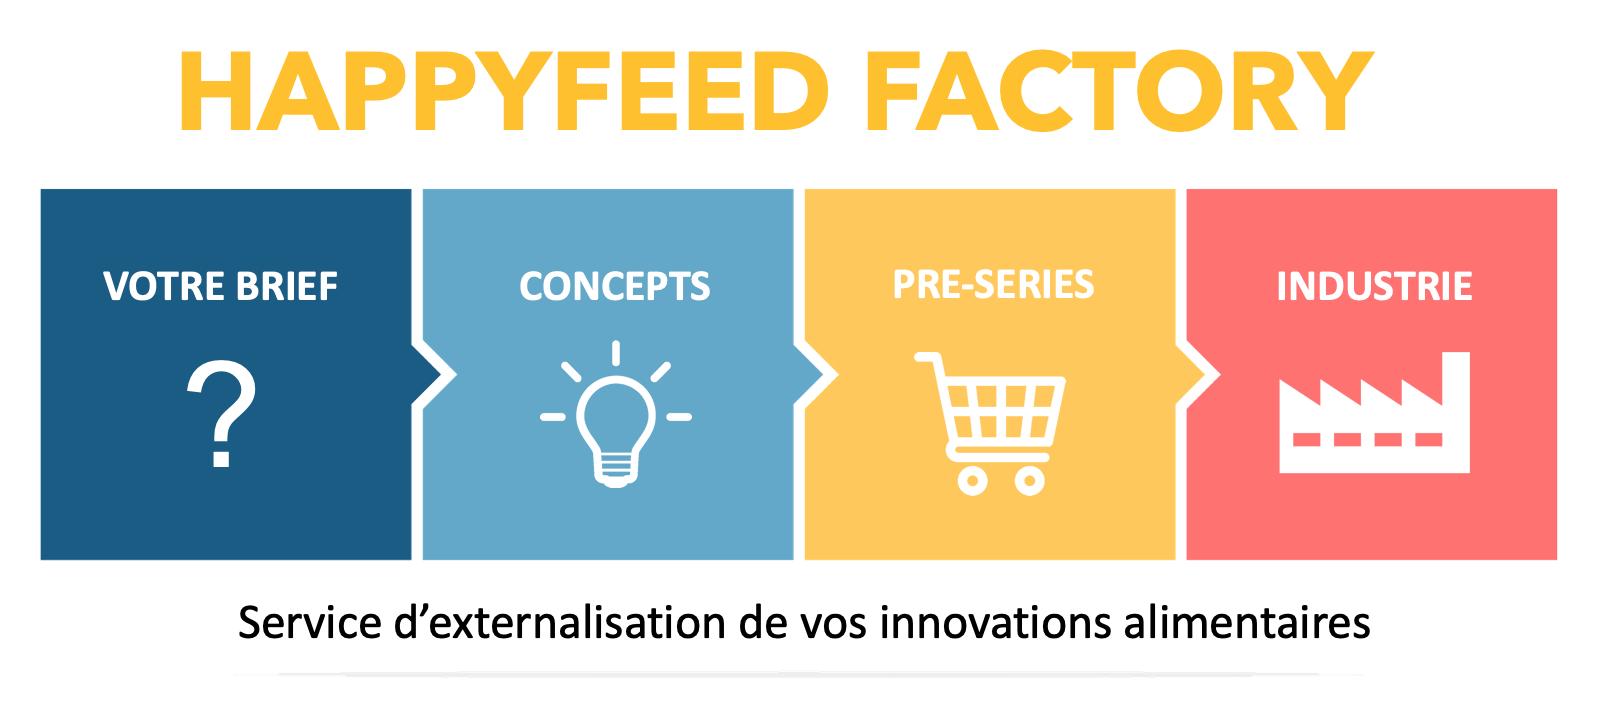 Capture d'écran 2019 11 13 à 10.38.43 - Happyfeed Factory :  conception, développement et industrialisation de produits alimentaires